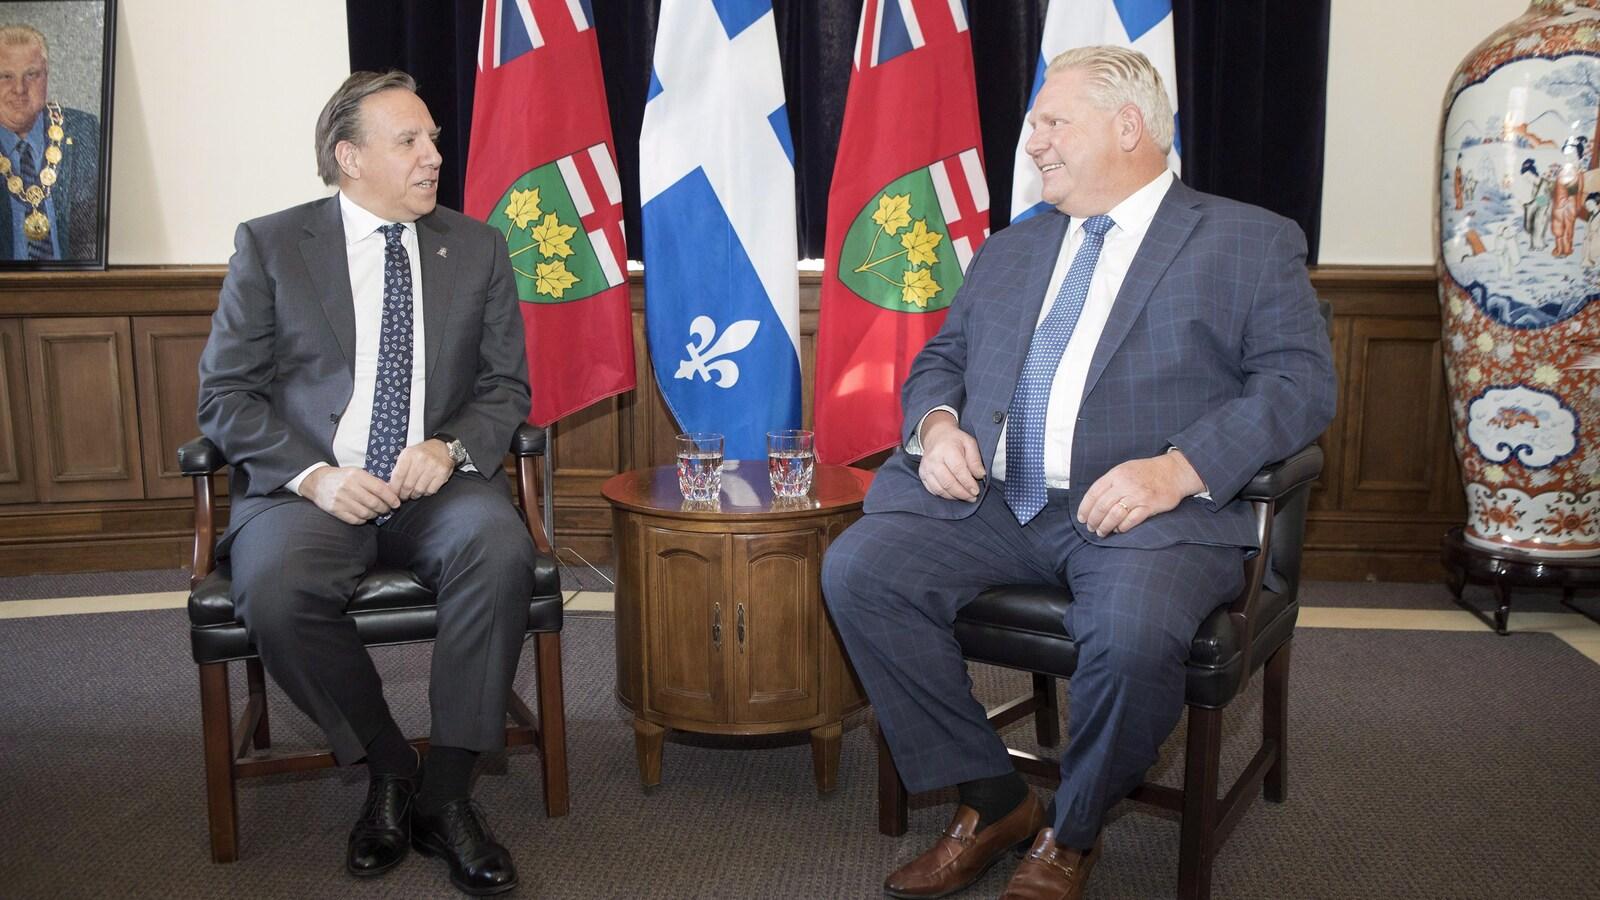 Deux hommes assis devant des drapeaux de l'Ontario et du Québec discutent